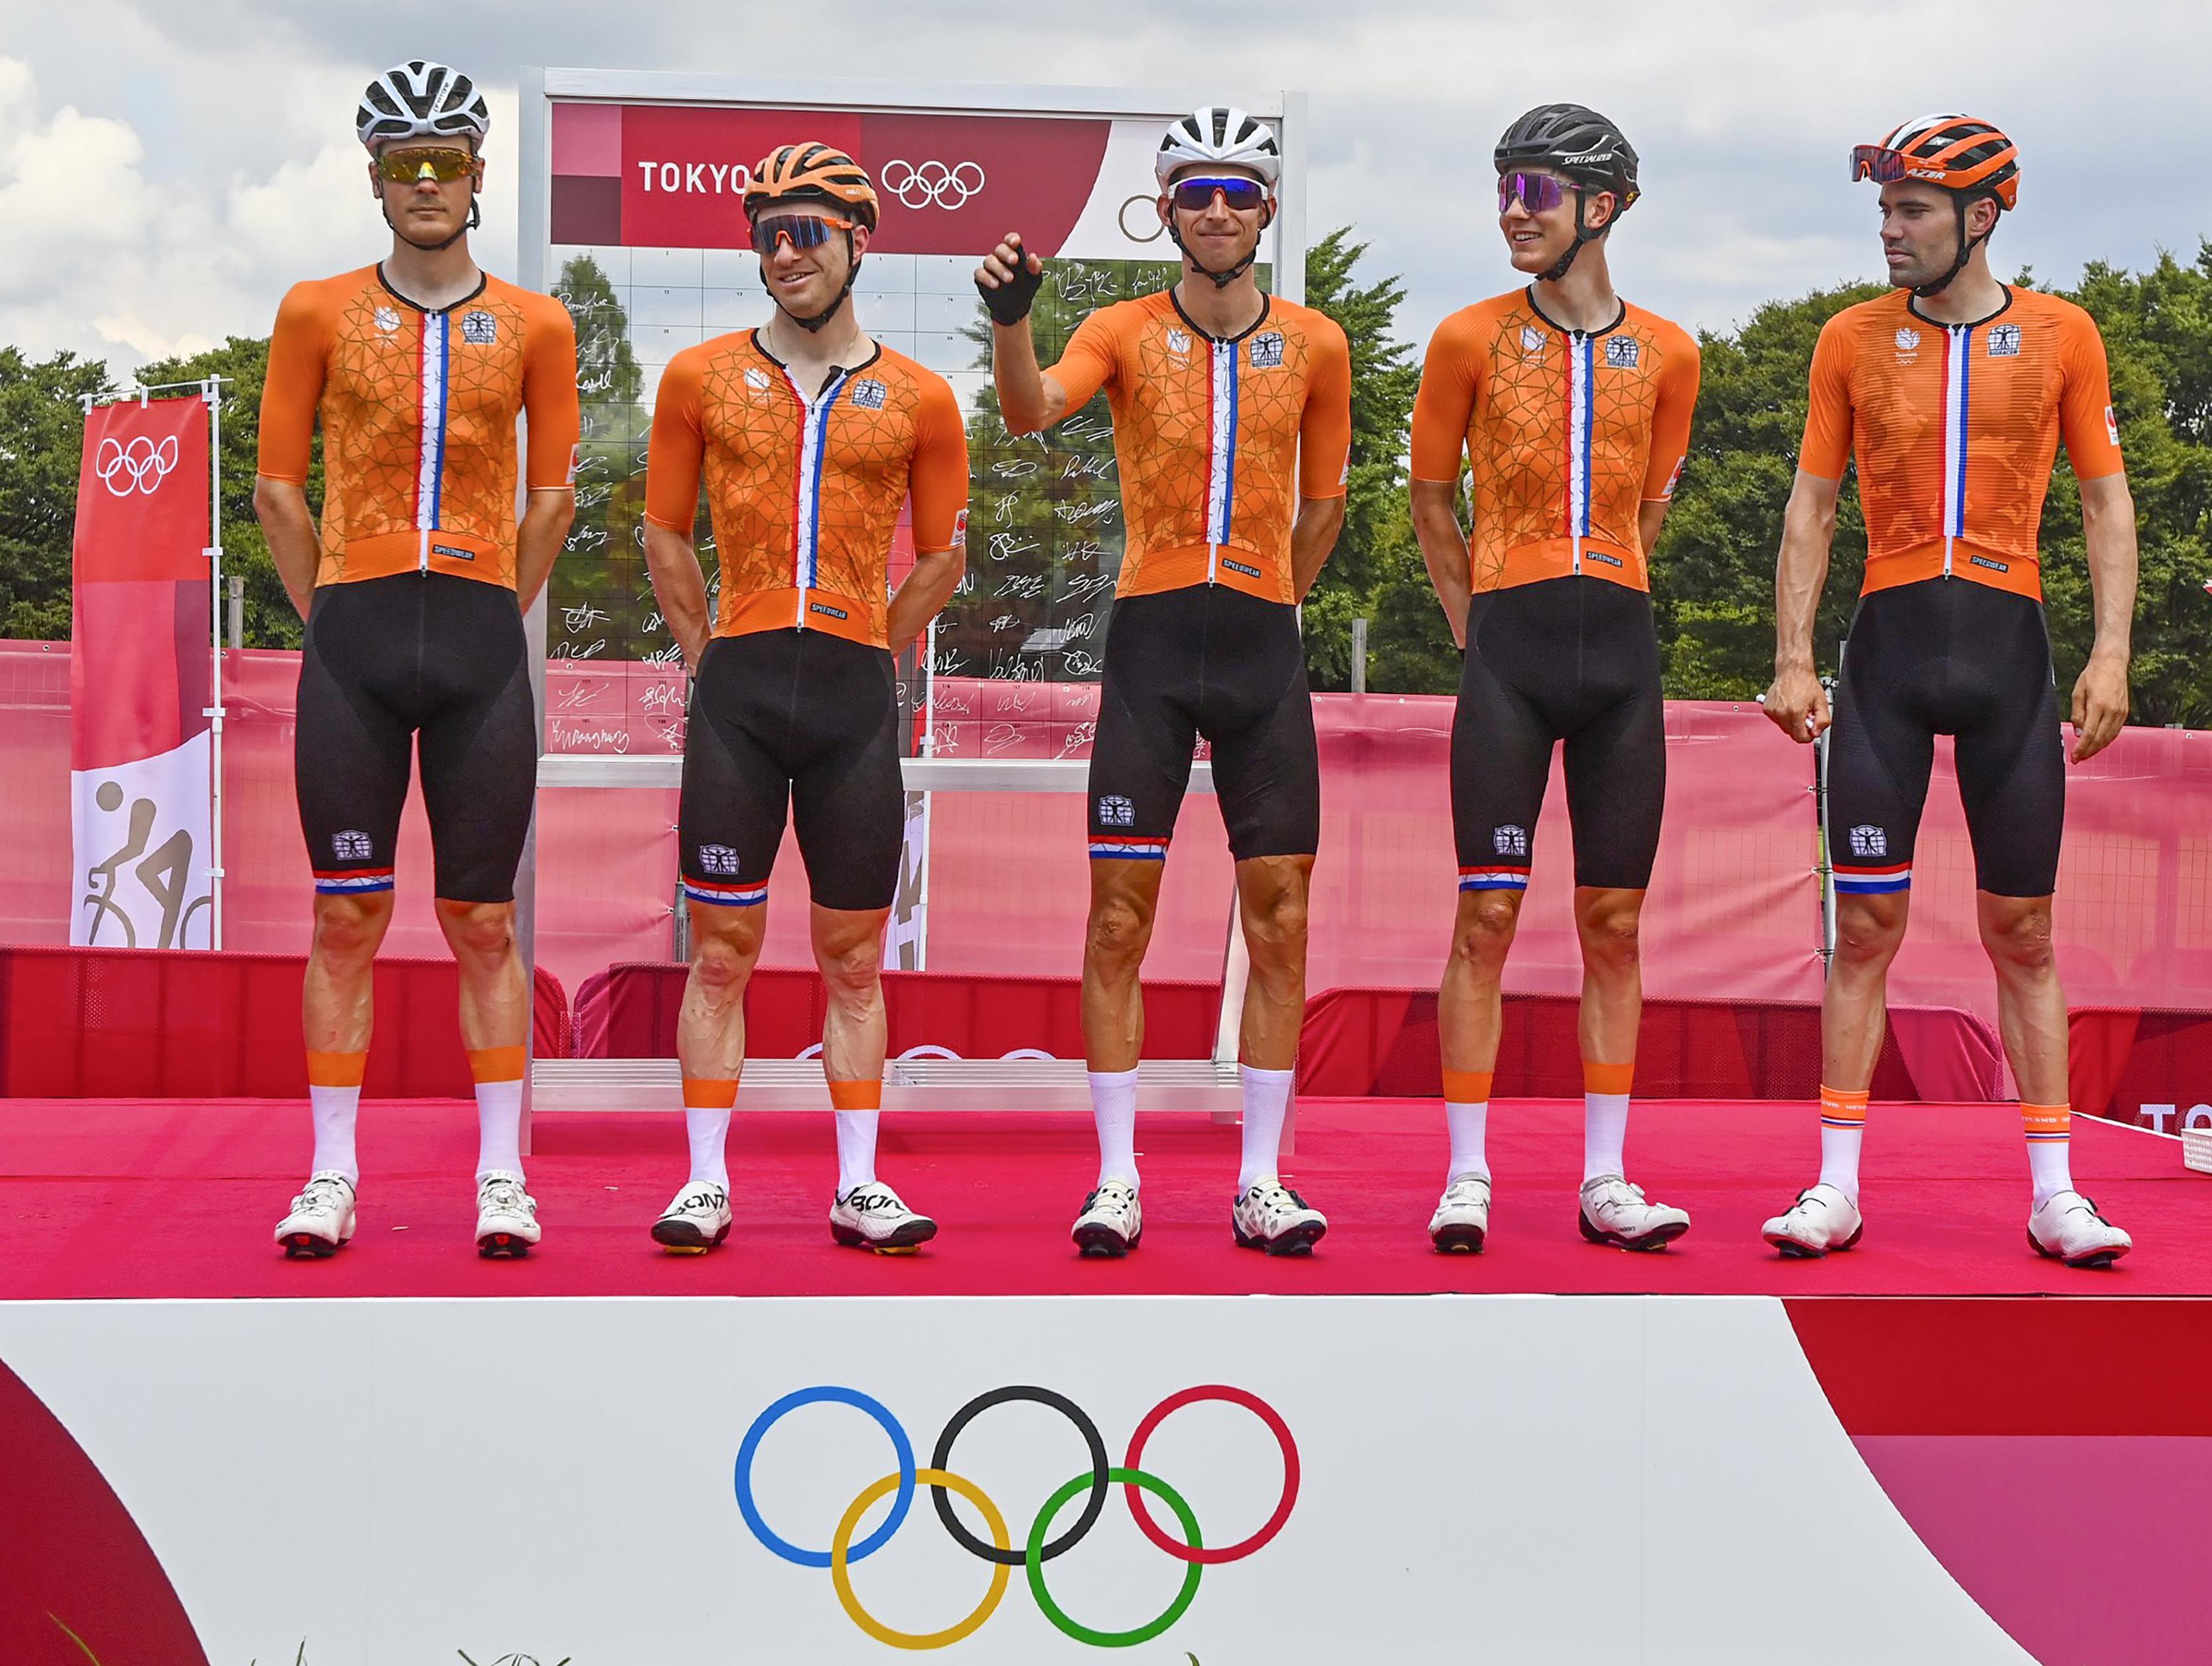 Olympische wegrit 2021